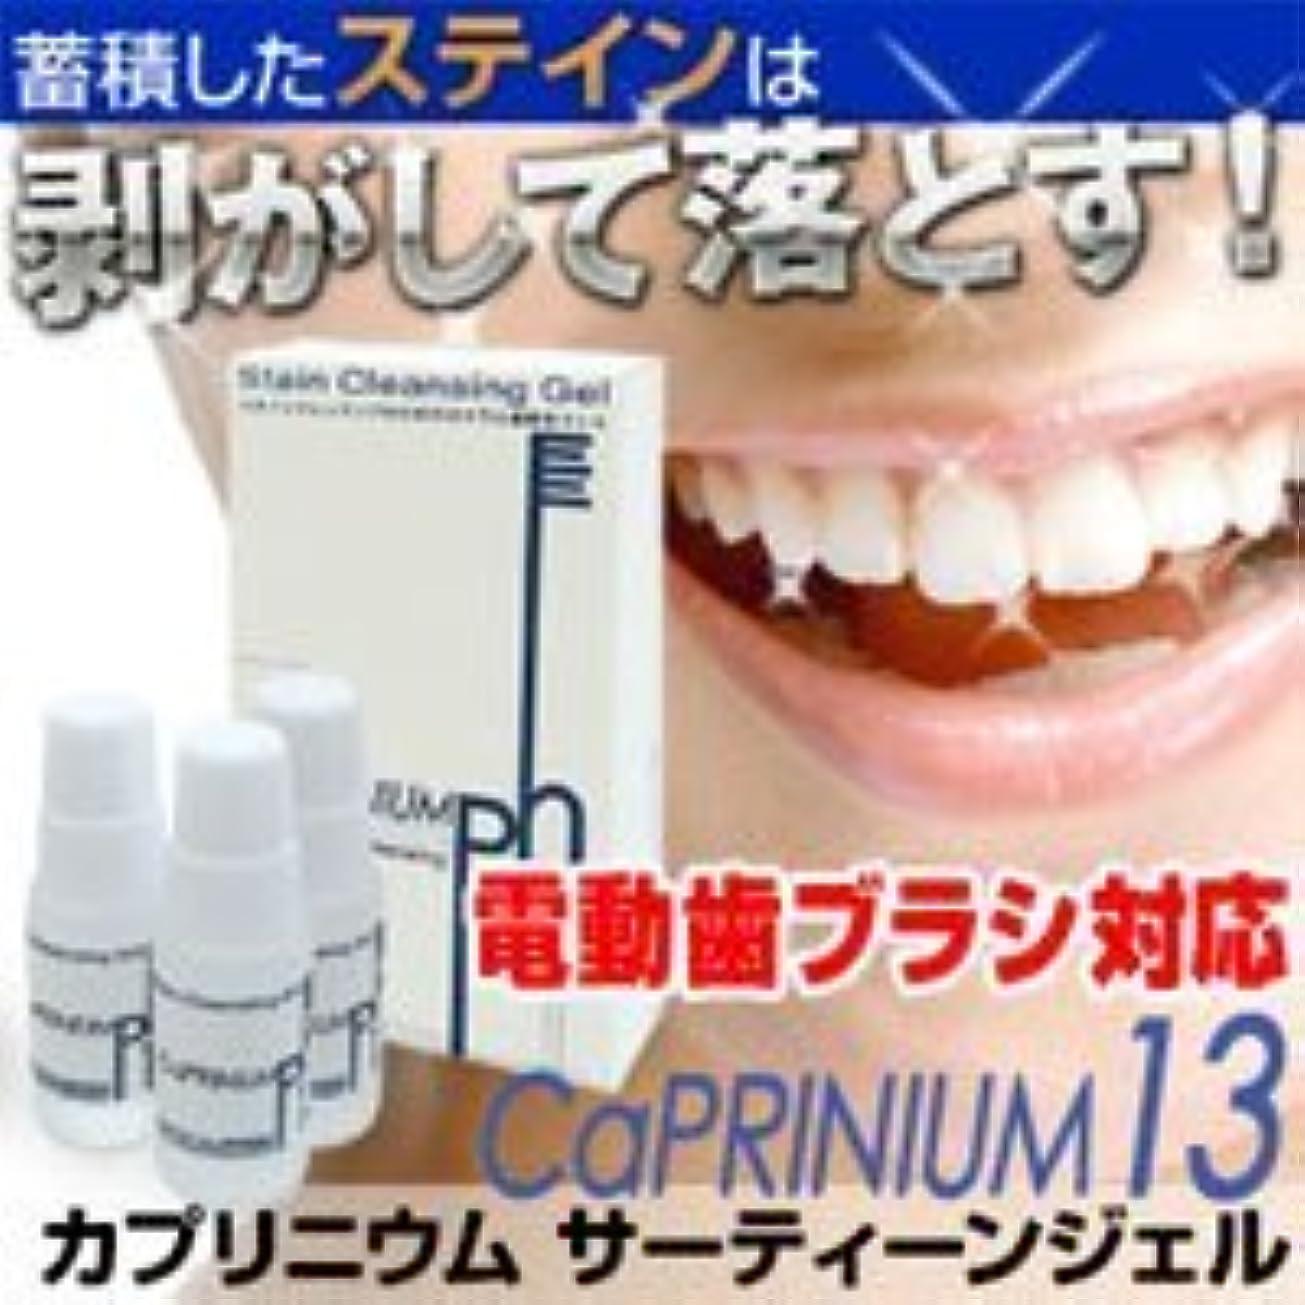 徒歩でゆり故意のカプリジェル(カプリニウムサーティーンジェル)10g×3個(1か月分) 電動歯ブラシ対応歯磨きジェル